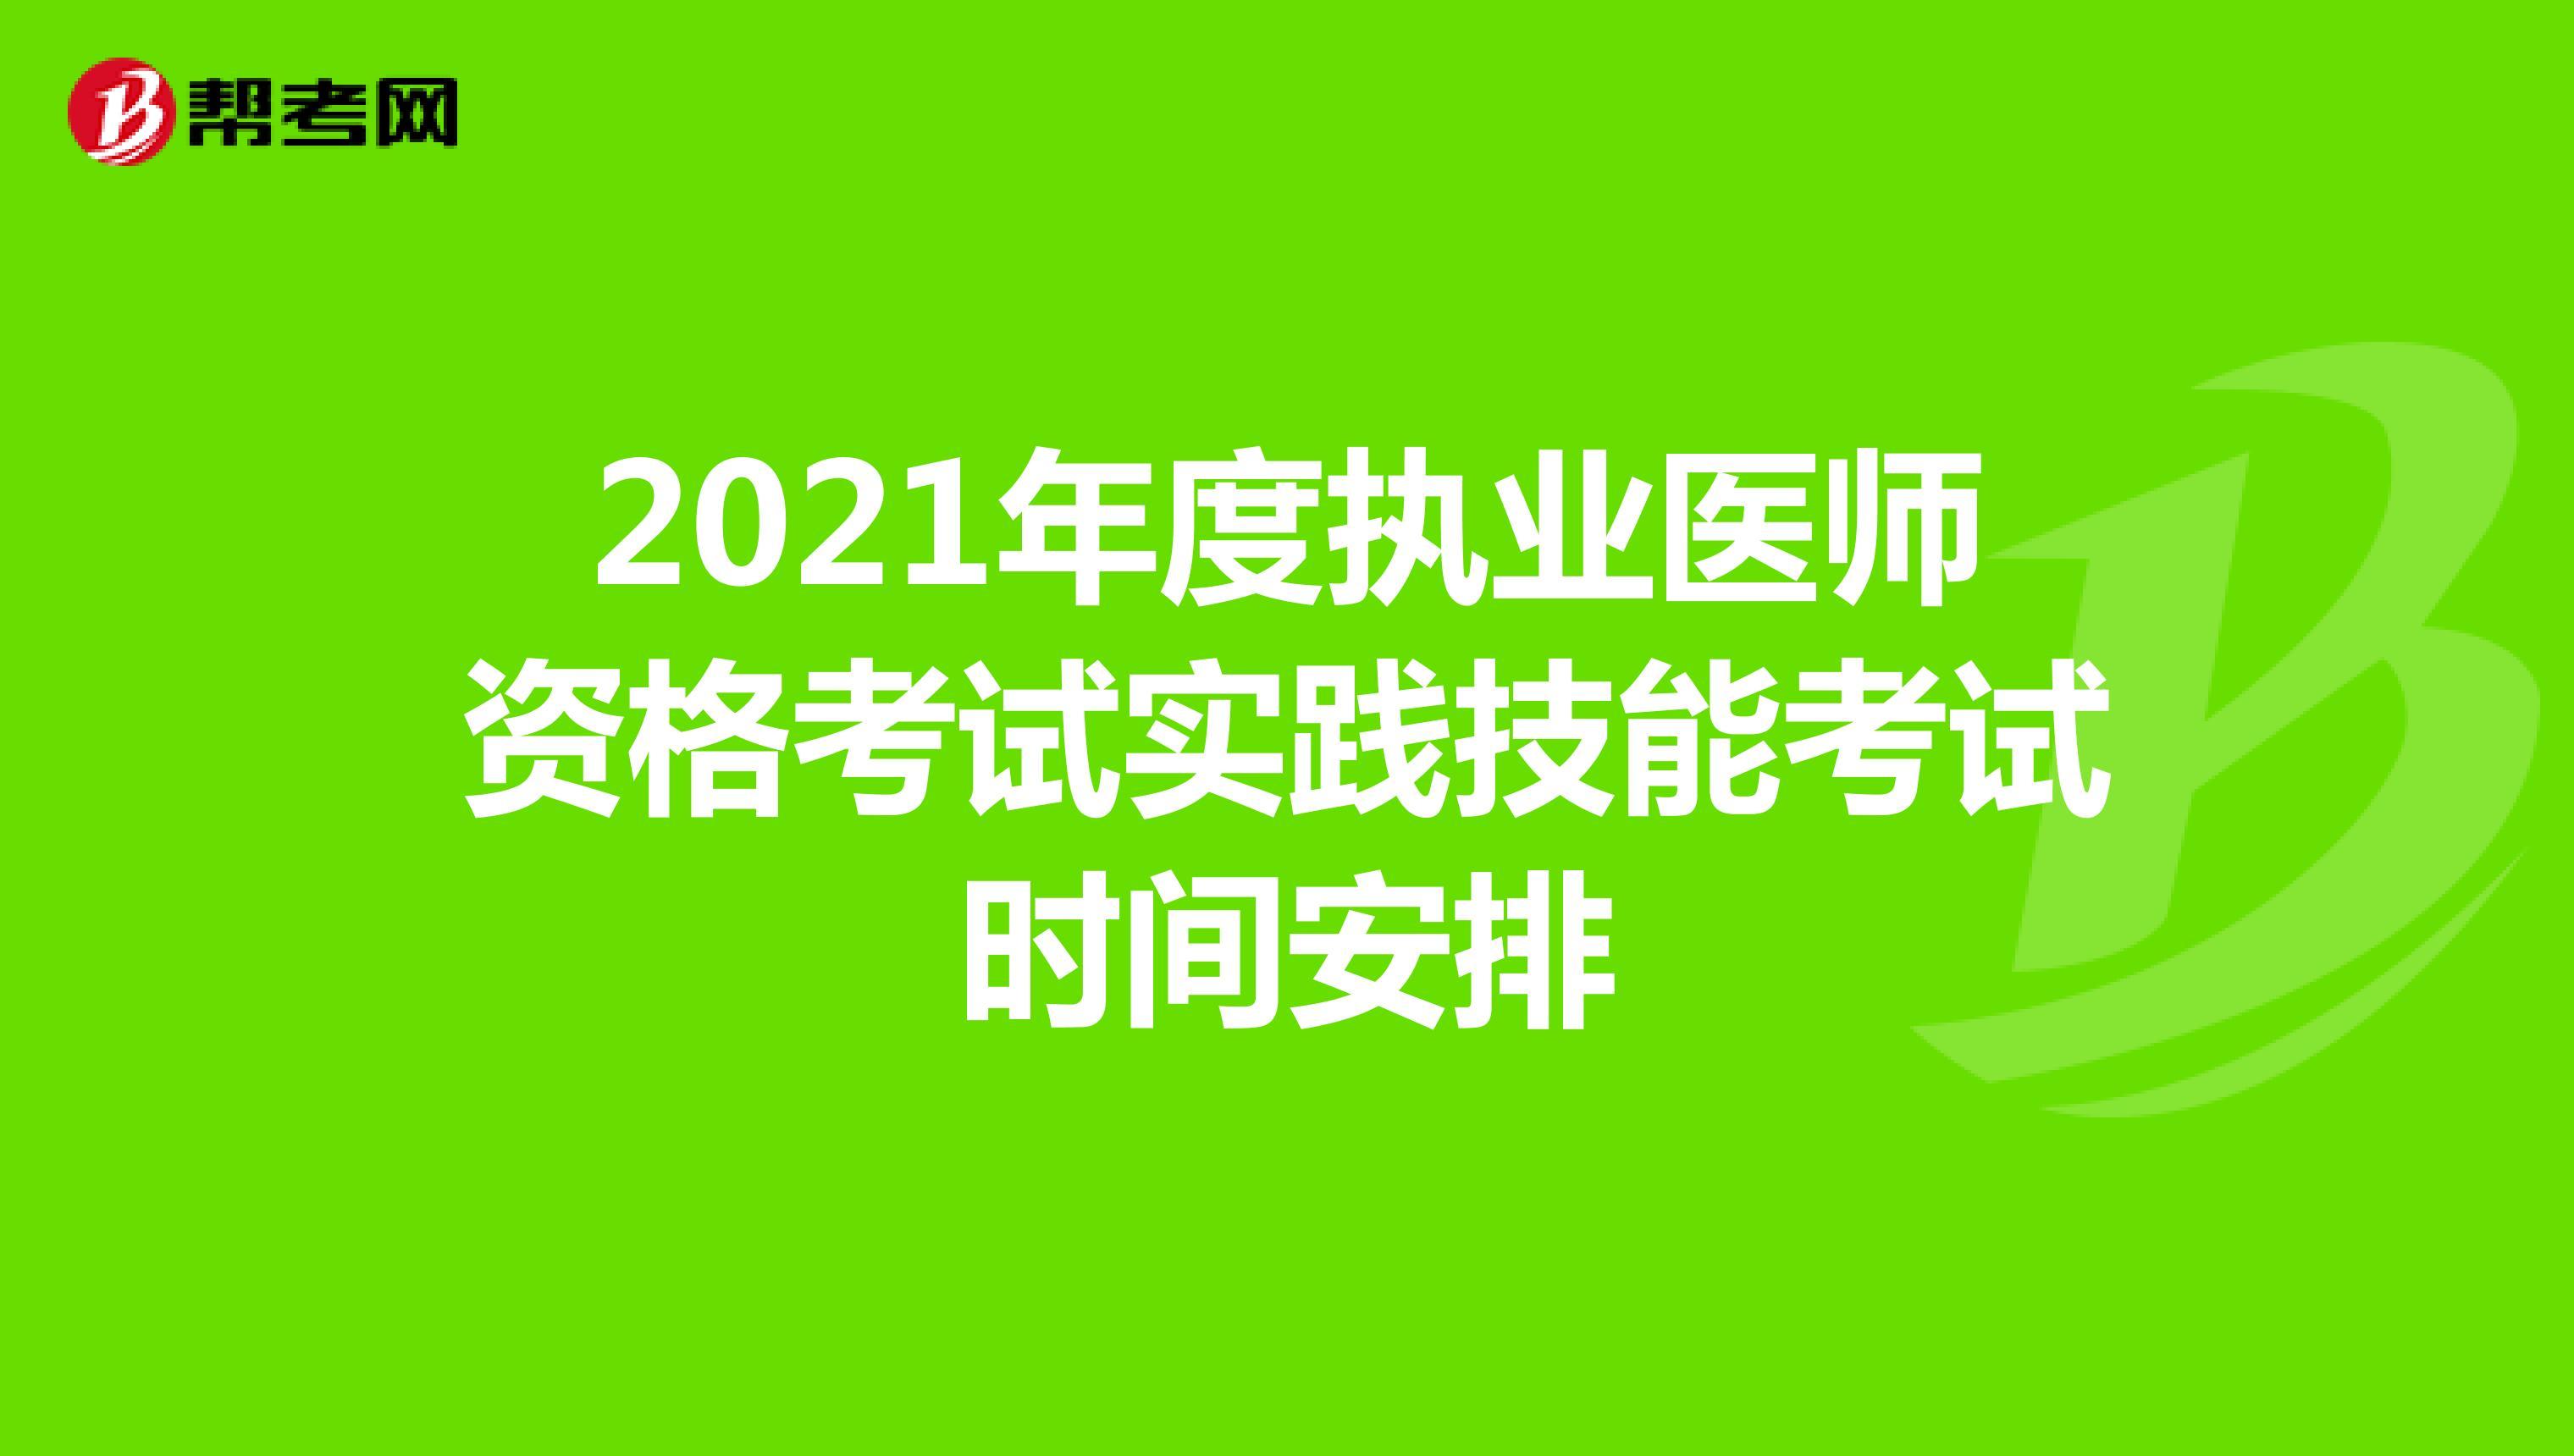 2021年度執業醫師資格考試實踐技能考試時間安排